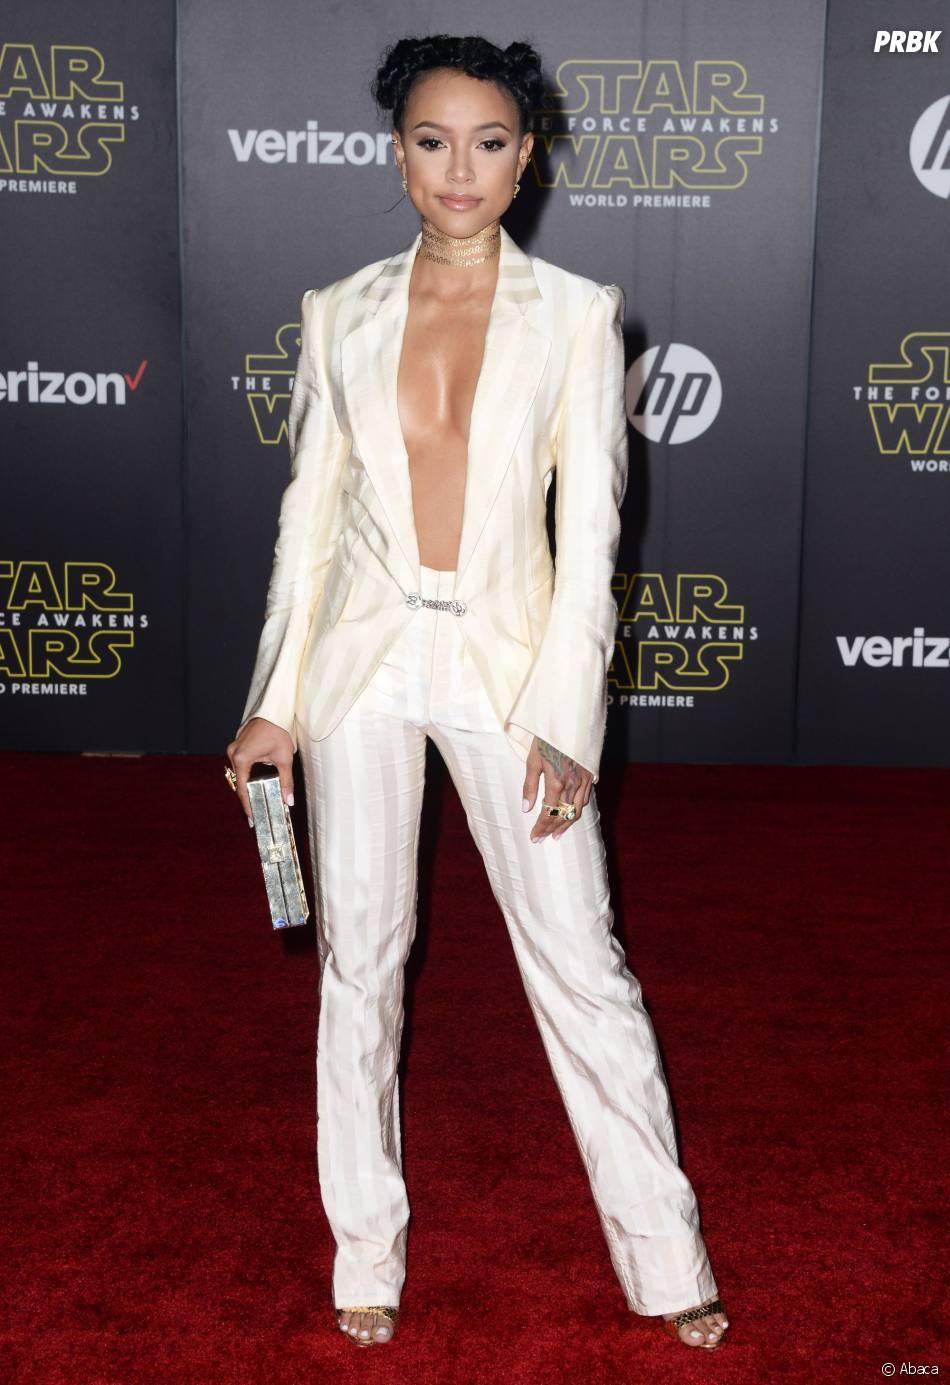 Karruche Tran topless (ou presque) à l'avant-première de Star Wars 7, le 14 décembre 2015 à Los Angeles